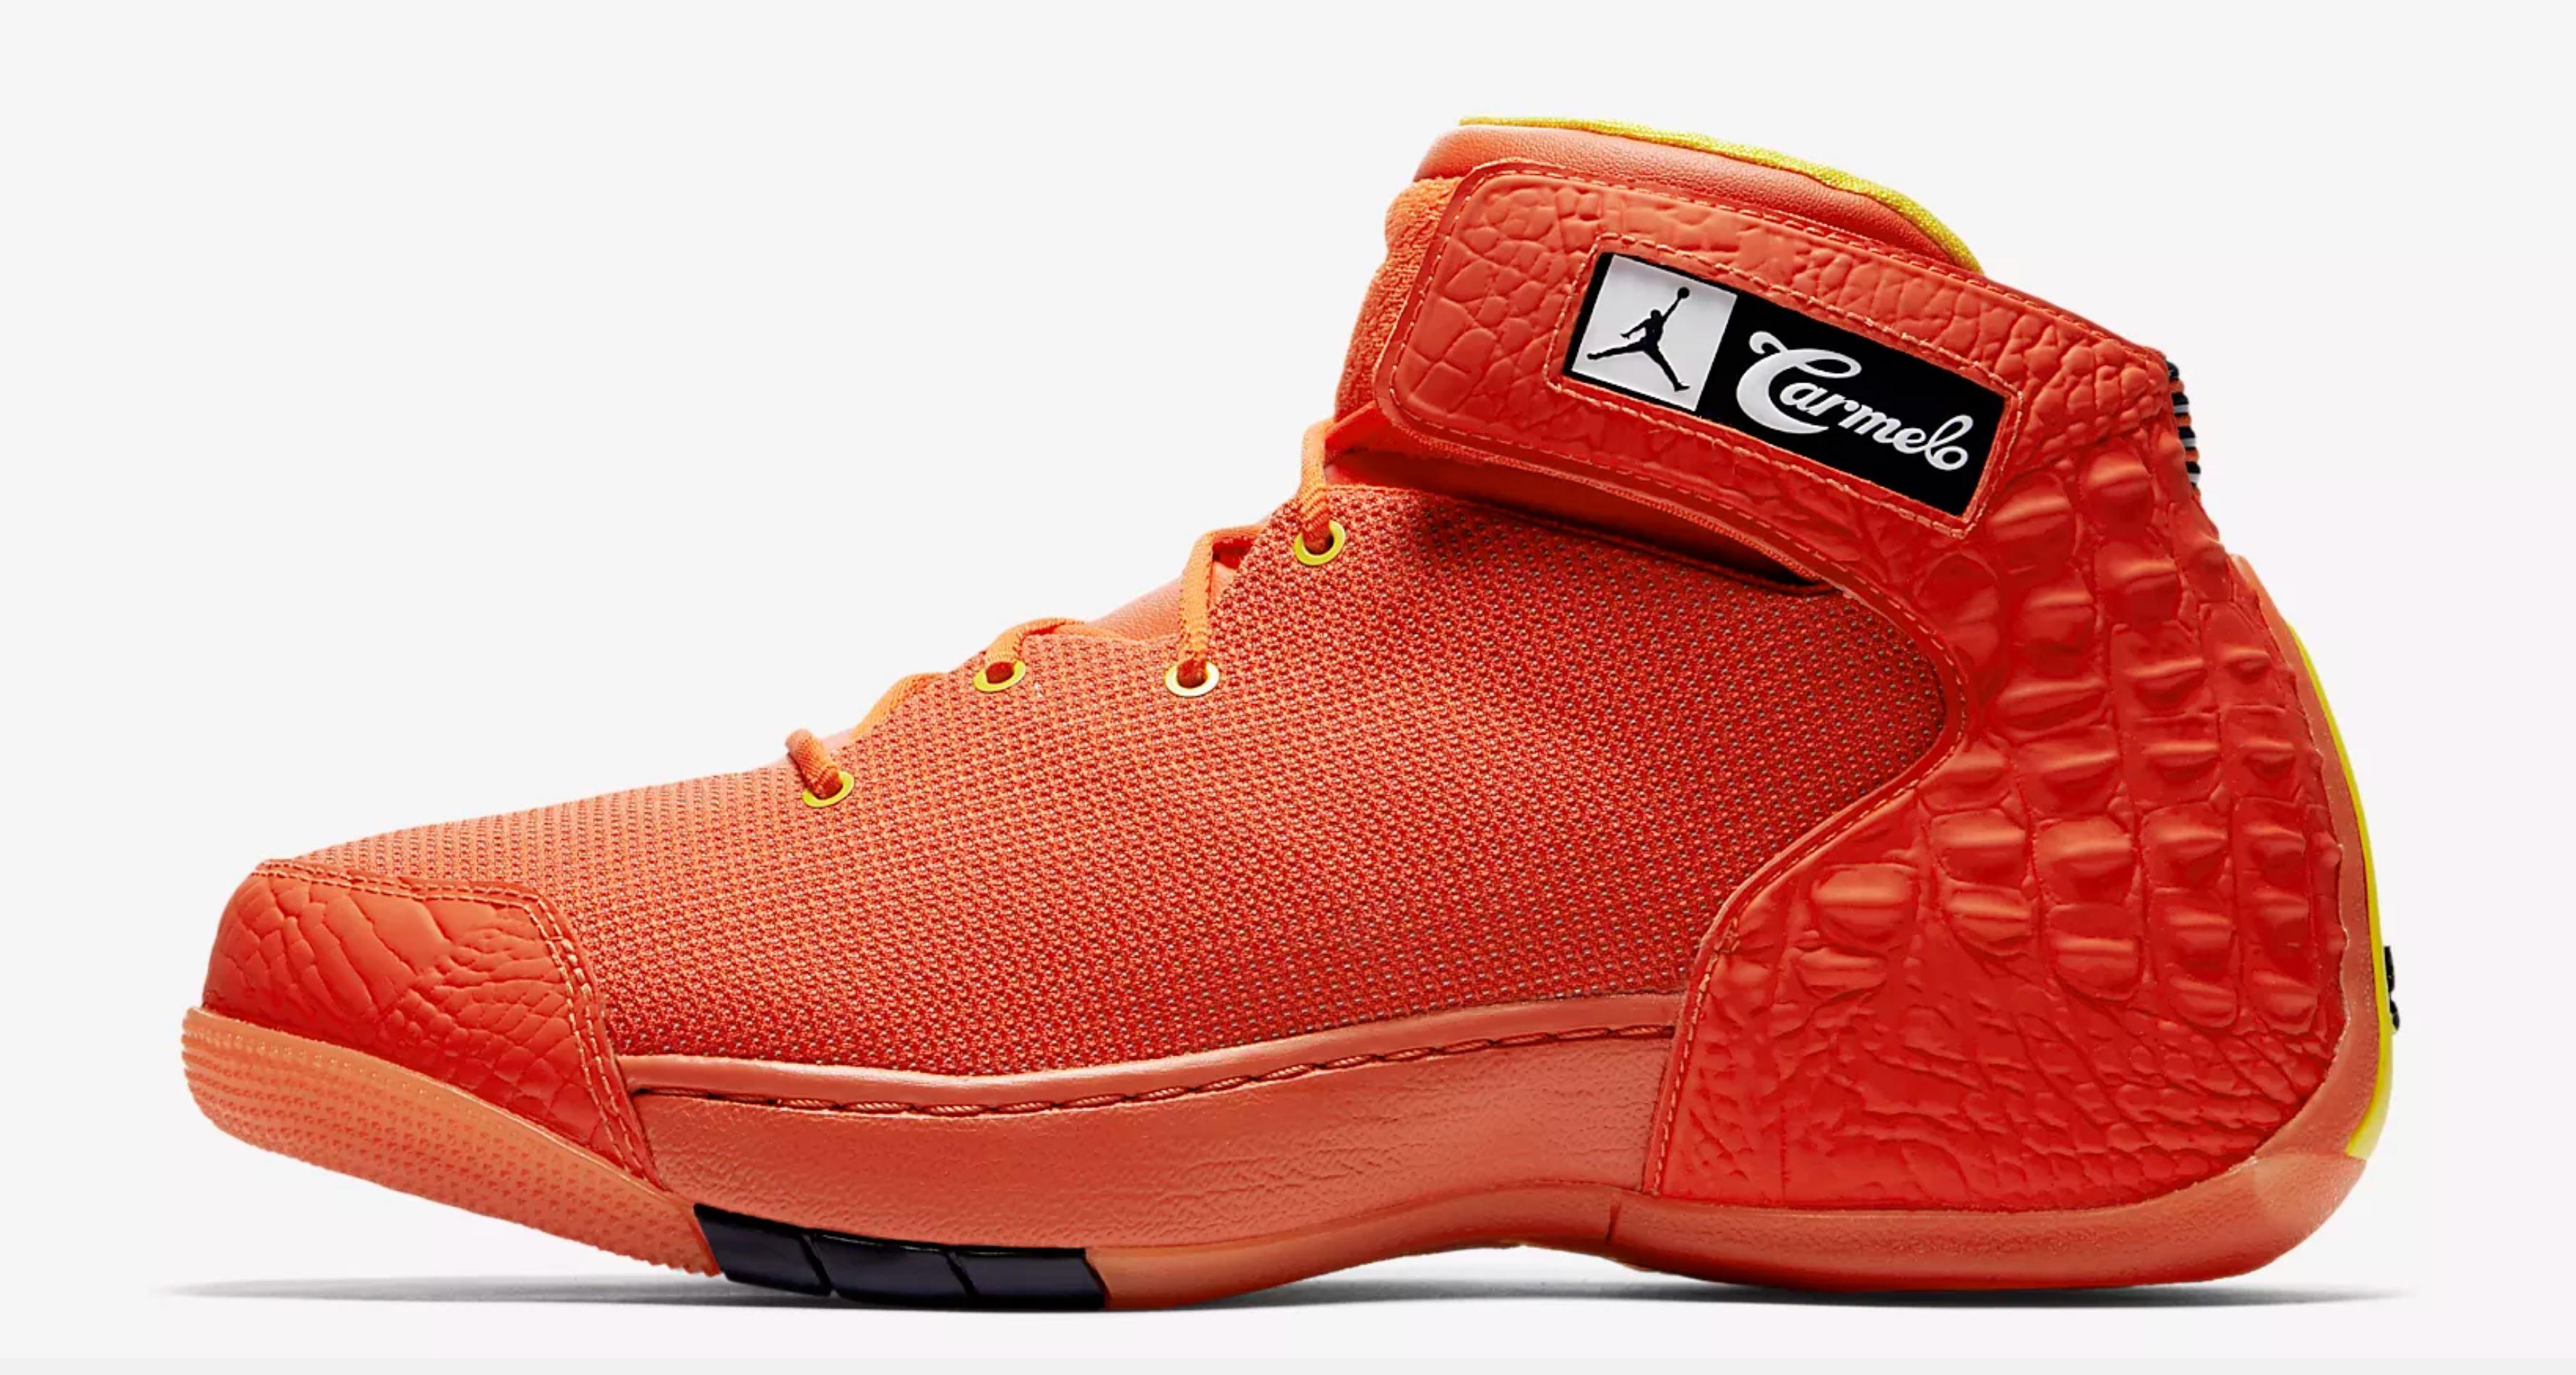 Carmelo Anthony's Jordan Melo 1.5 SE